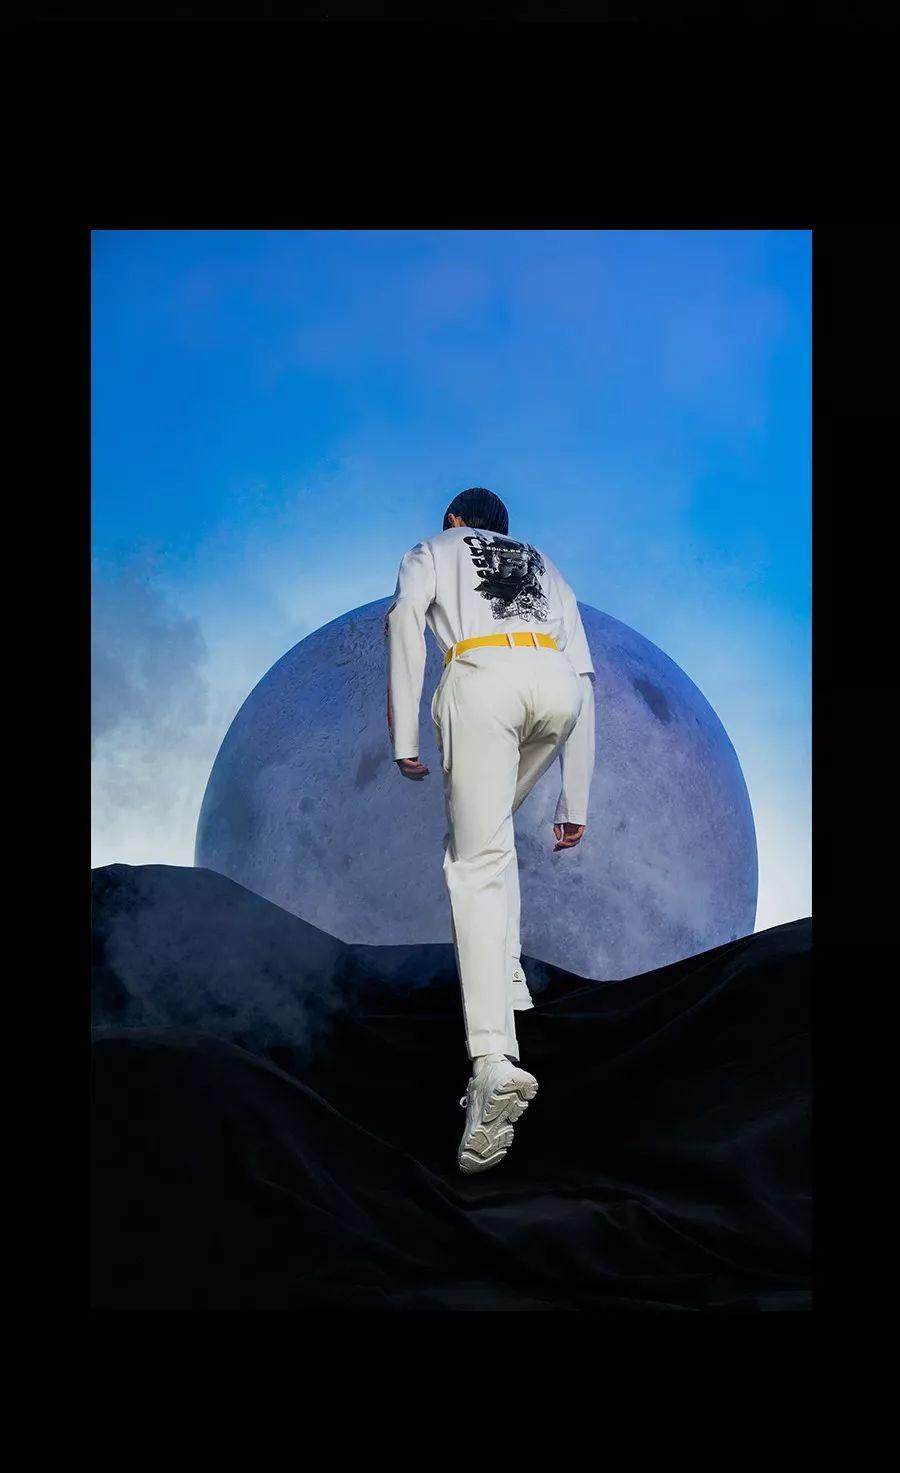 【卡宾】登月逐梦,致敬七十 | Cabbeen×中国航天文化